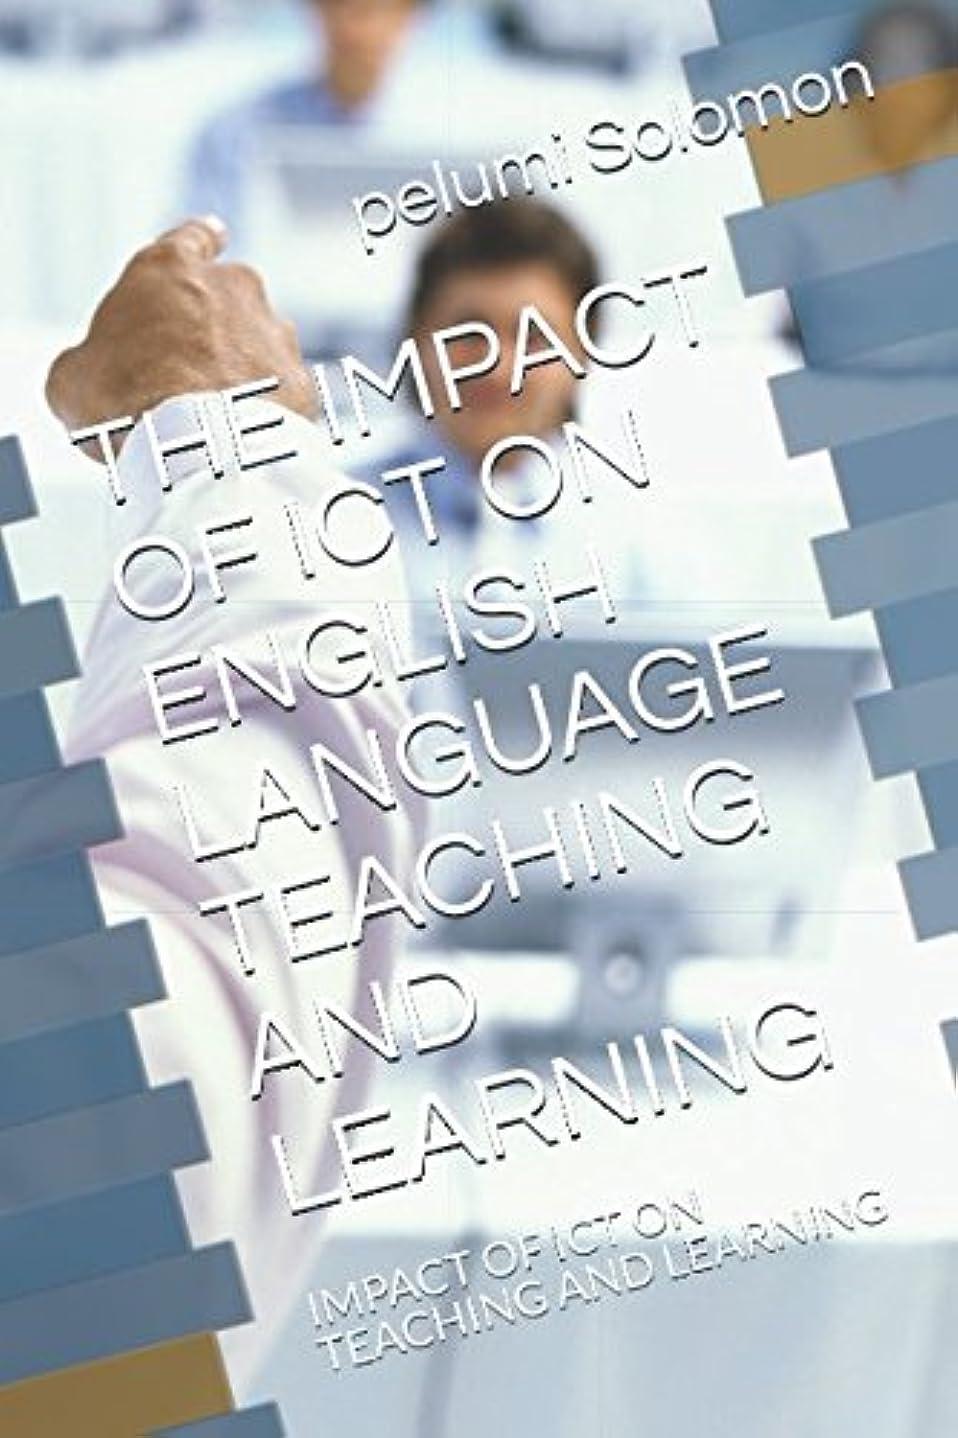 縞模様のアームストロングすることになっているTHE IMPACT OF ICT ON ENGLISH LANGUAGE TEACHING AND LEARNING: IMPACT OF ICT ON TEACHING AND LEARNING